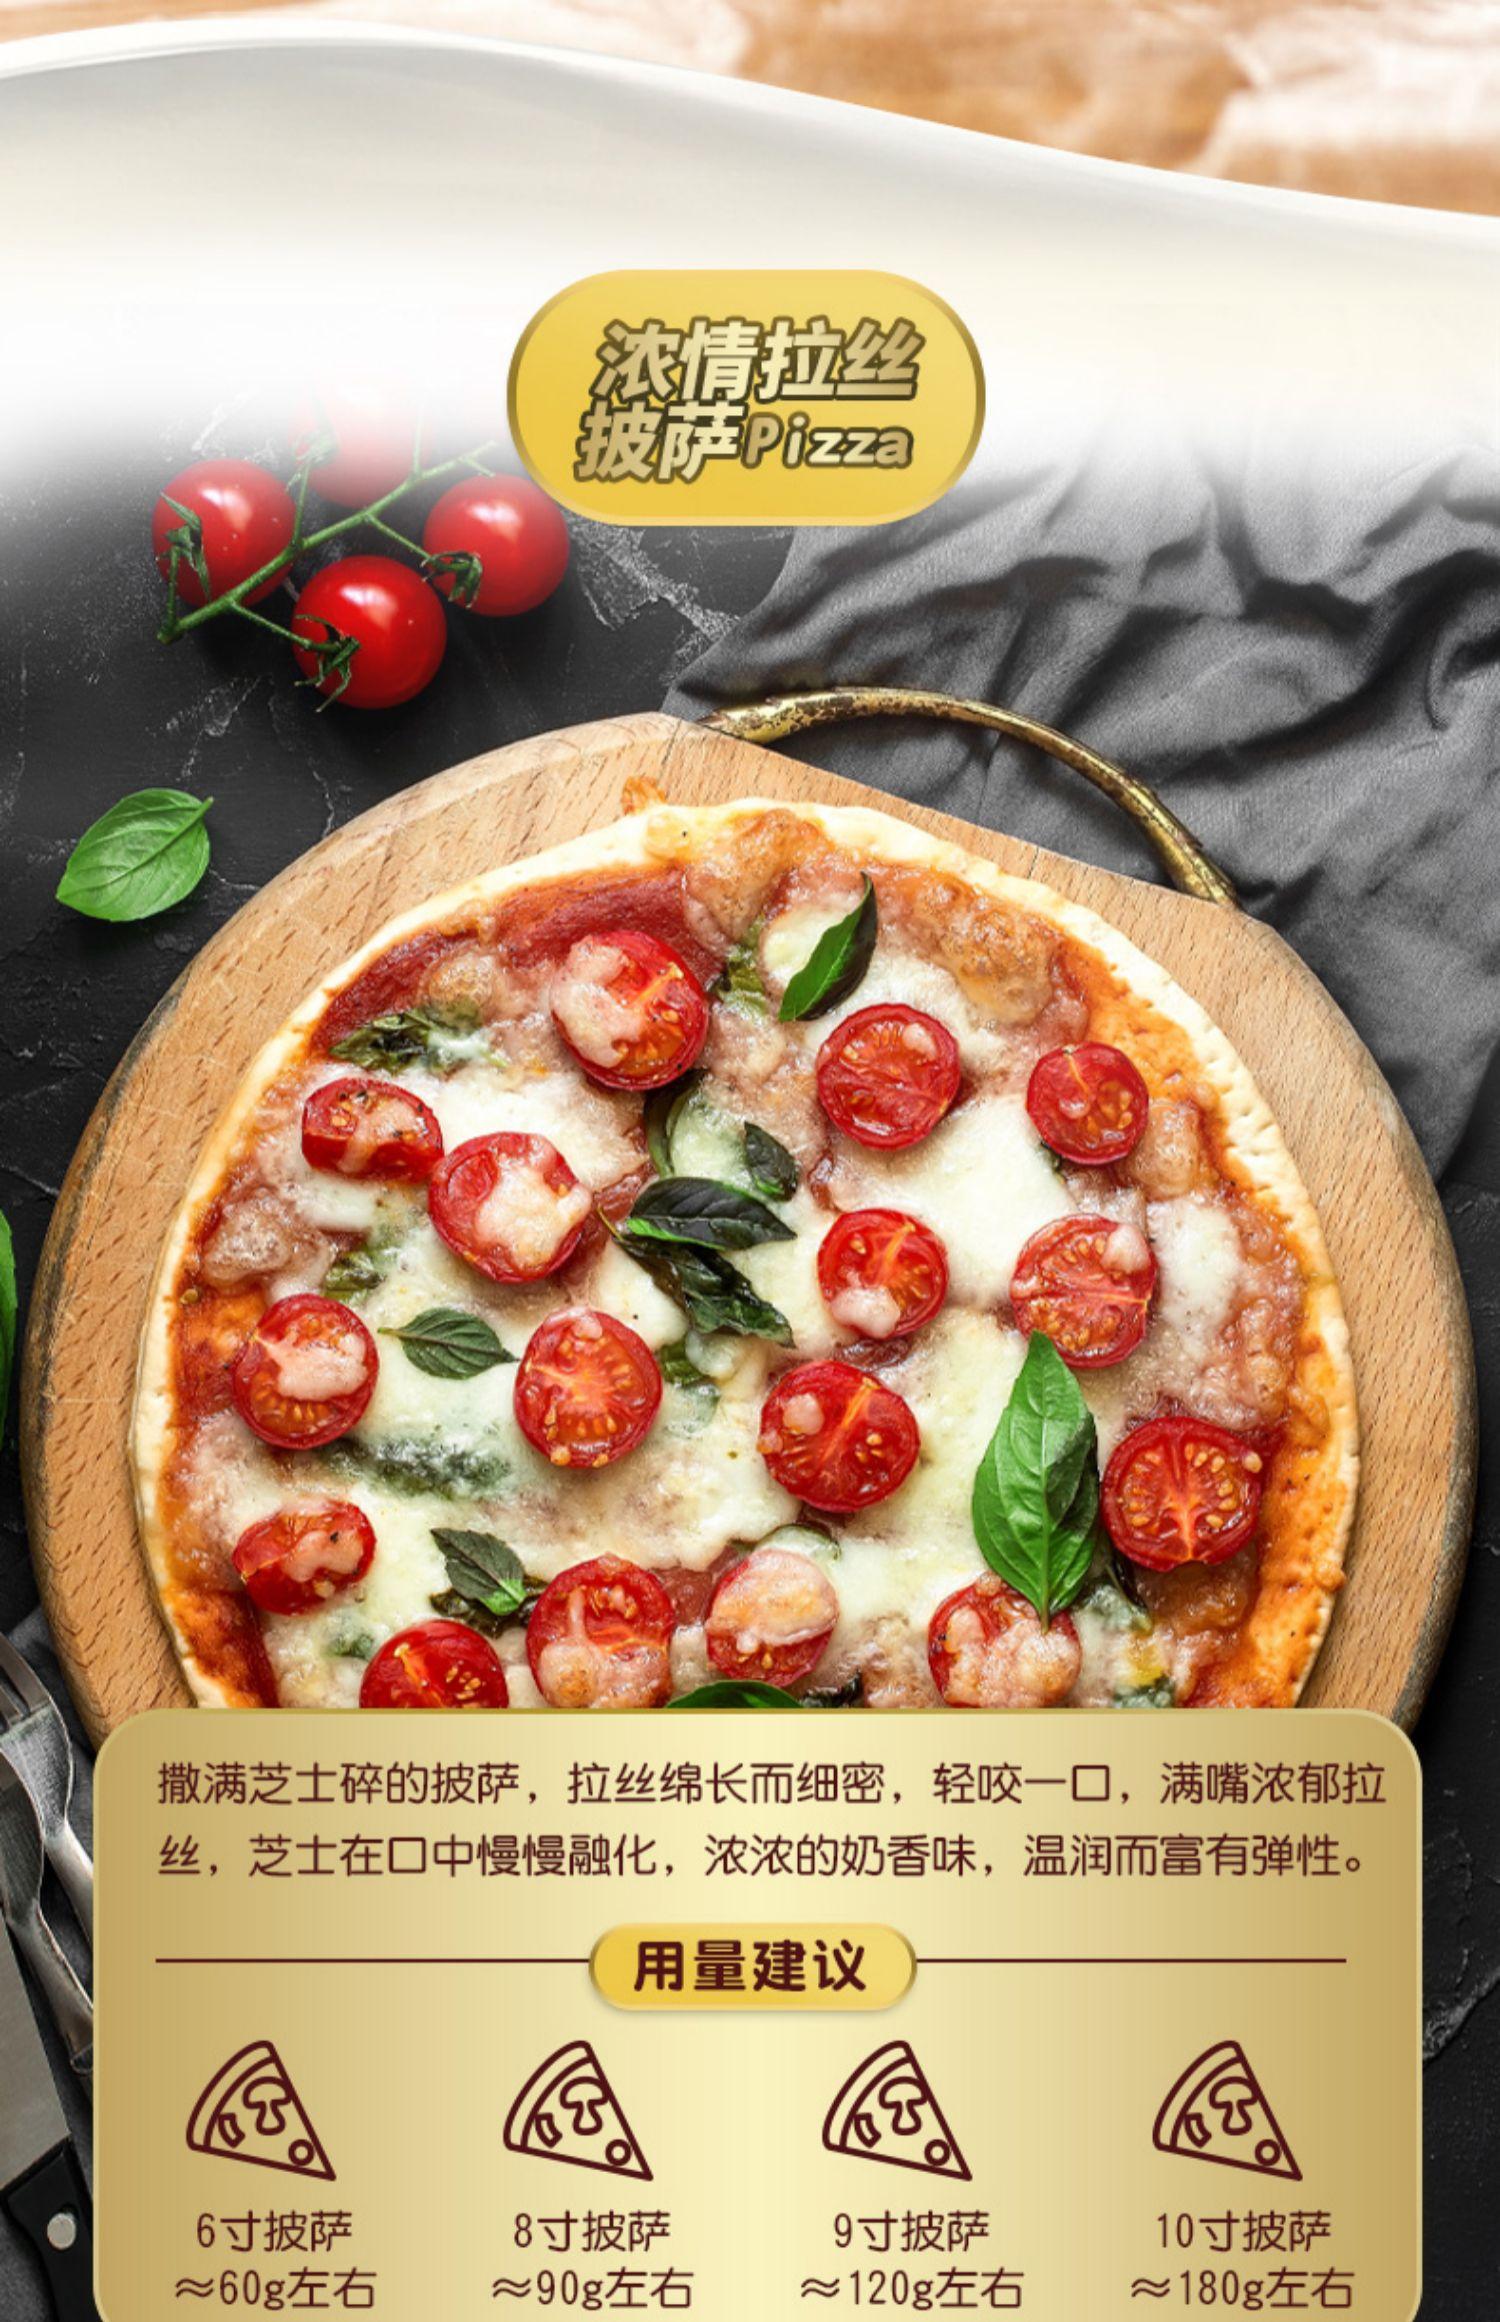 【赠奶酪1袋】妙可蓝多马苏里拉奶酪1350g